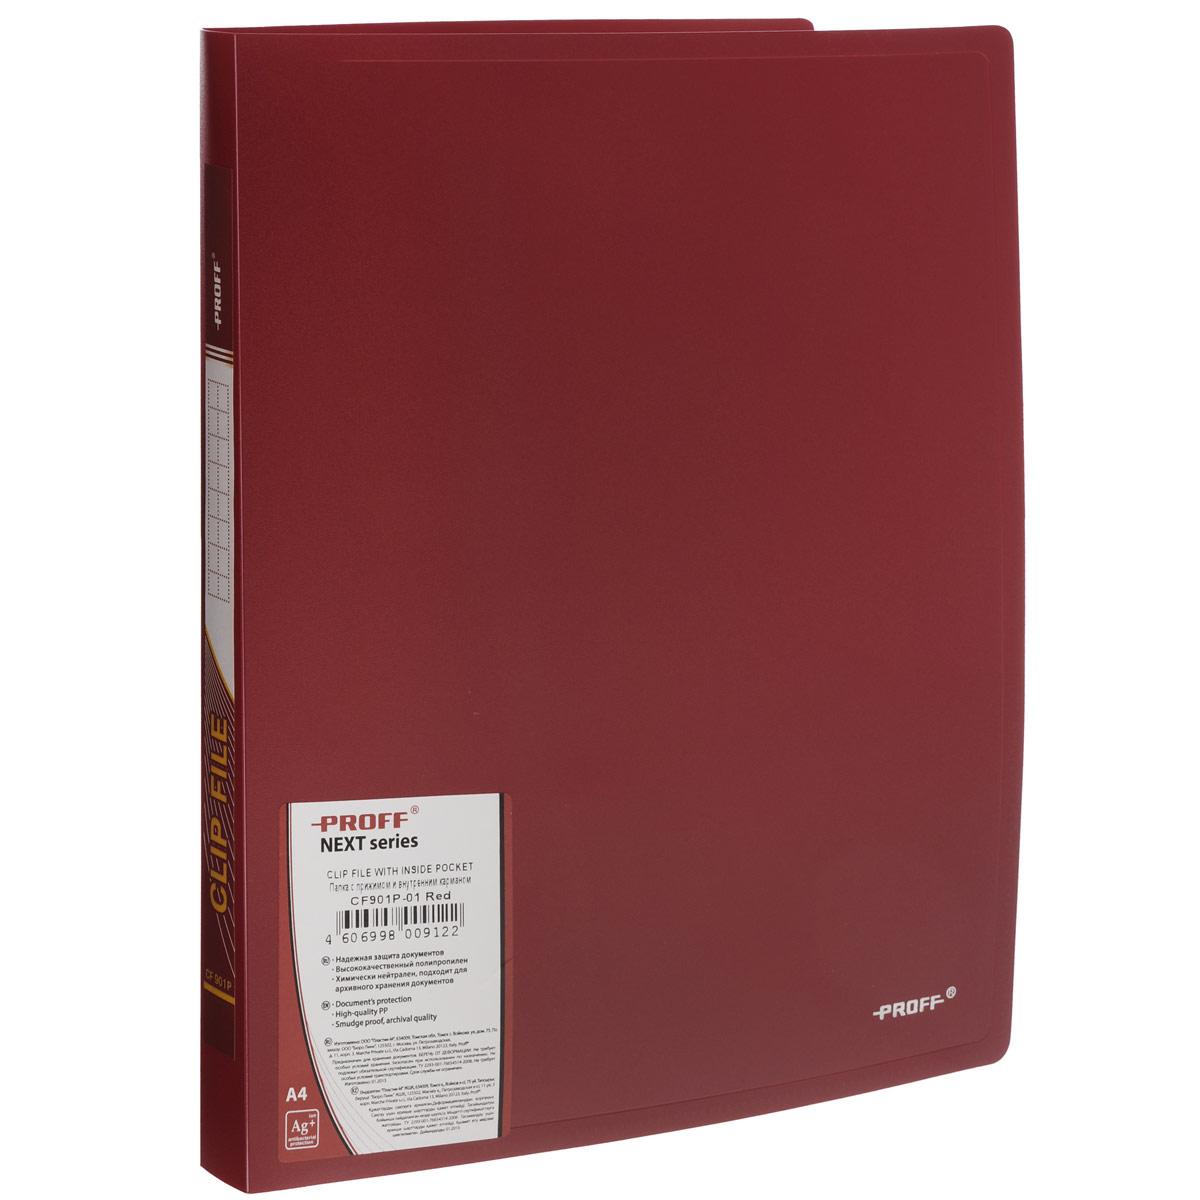 Папка с боковым зажимом Proff Next, цвет: темно-красный. Формат А4. CF901P-0184124СПапка с боковым зажимом Proff Next - это удобный и практичный офисный инструмент,предназначенный для хранения и транспортировки рабочих бумаг и документовформата А4. Папка изготовлена из высококачественного плотного полипропилена и оснащена металлическим прижимом и внутренним кармашком. Папка с боковым зажимом - это незаменимый атрибут для студента, школьника,офисного работника. Такая папка надежно сохранит ваши документы и сбережетих от повреждений, пыли и влаги.